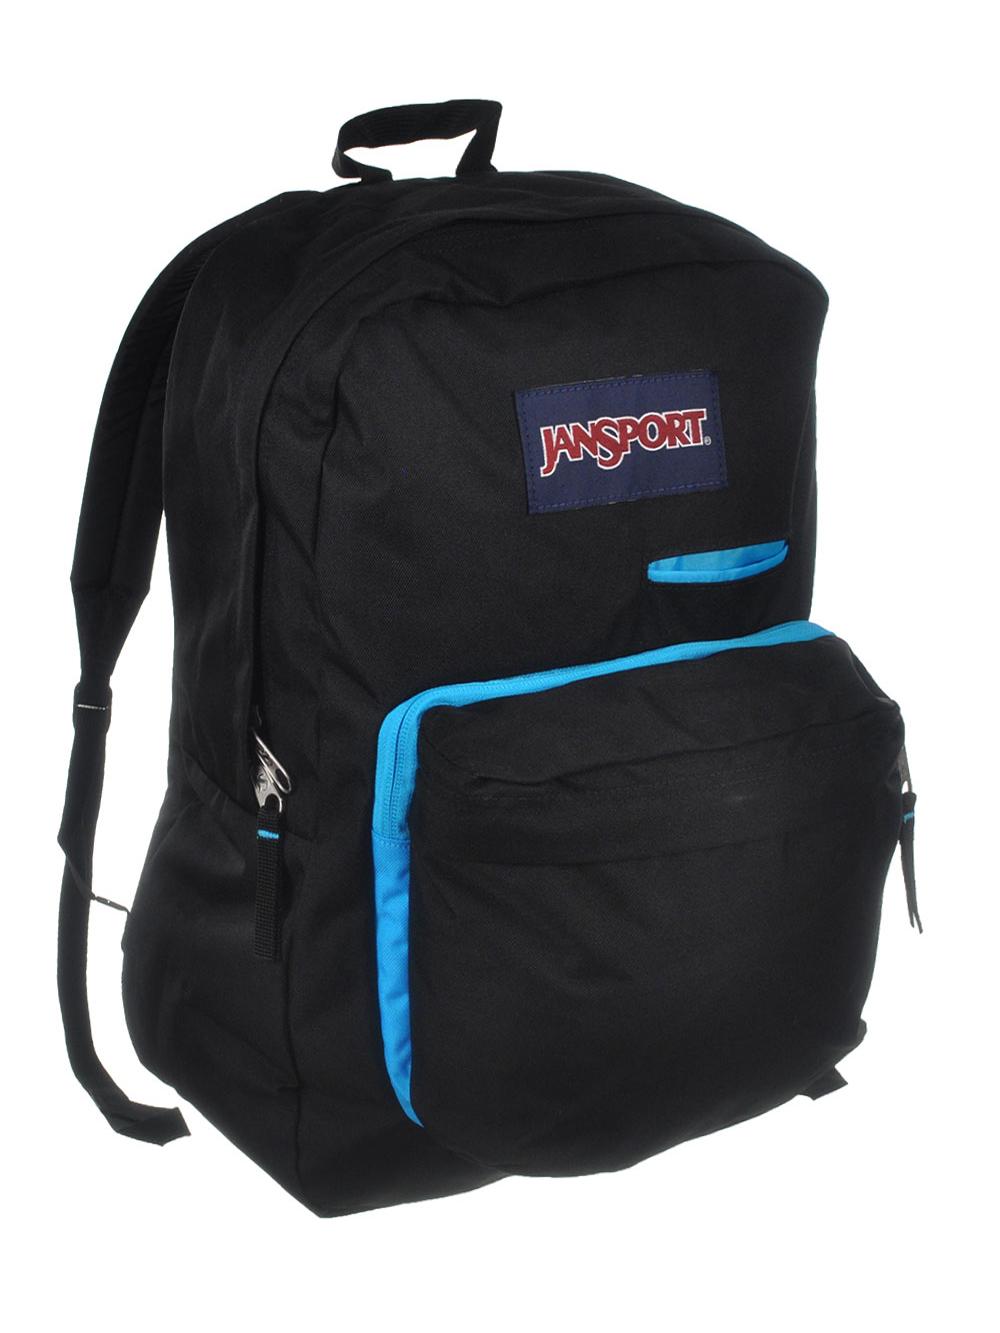 d079abda2487 Digibreak Laptop Backpack by Jansport in Black